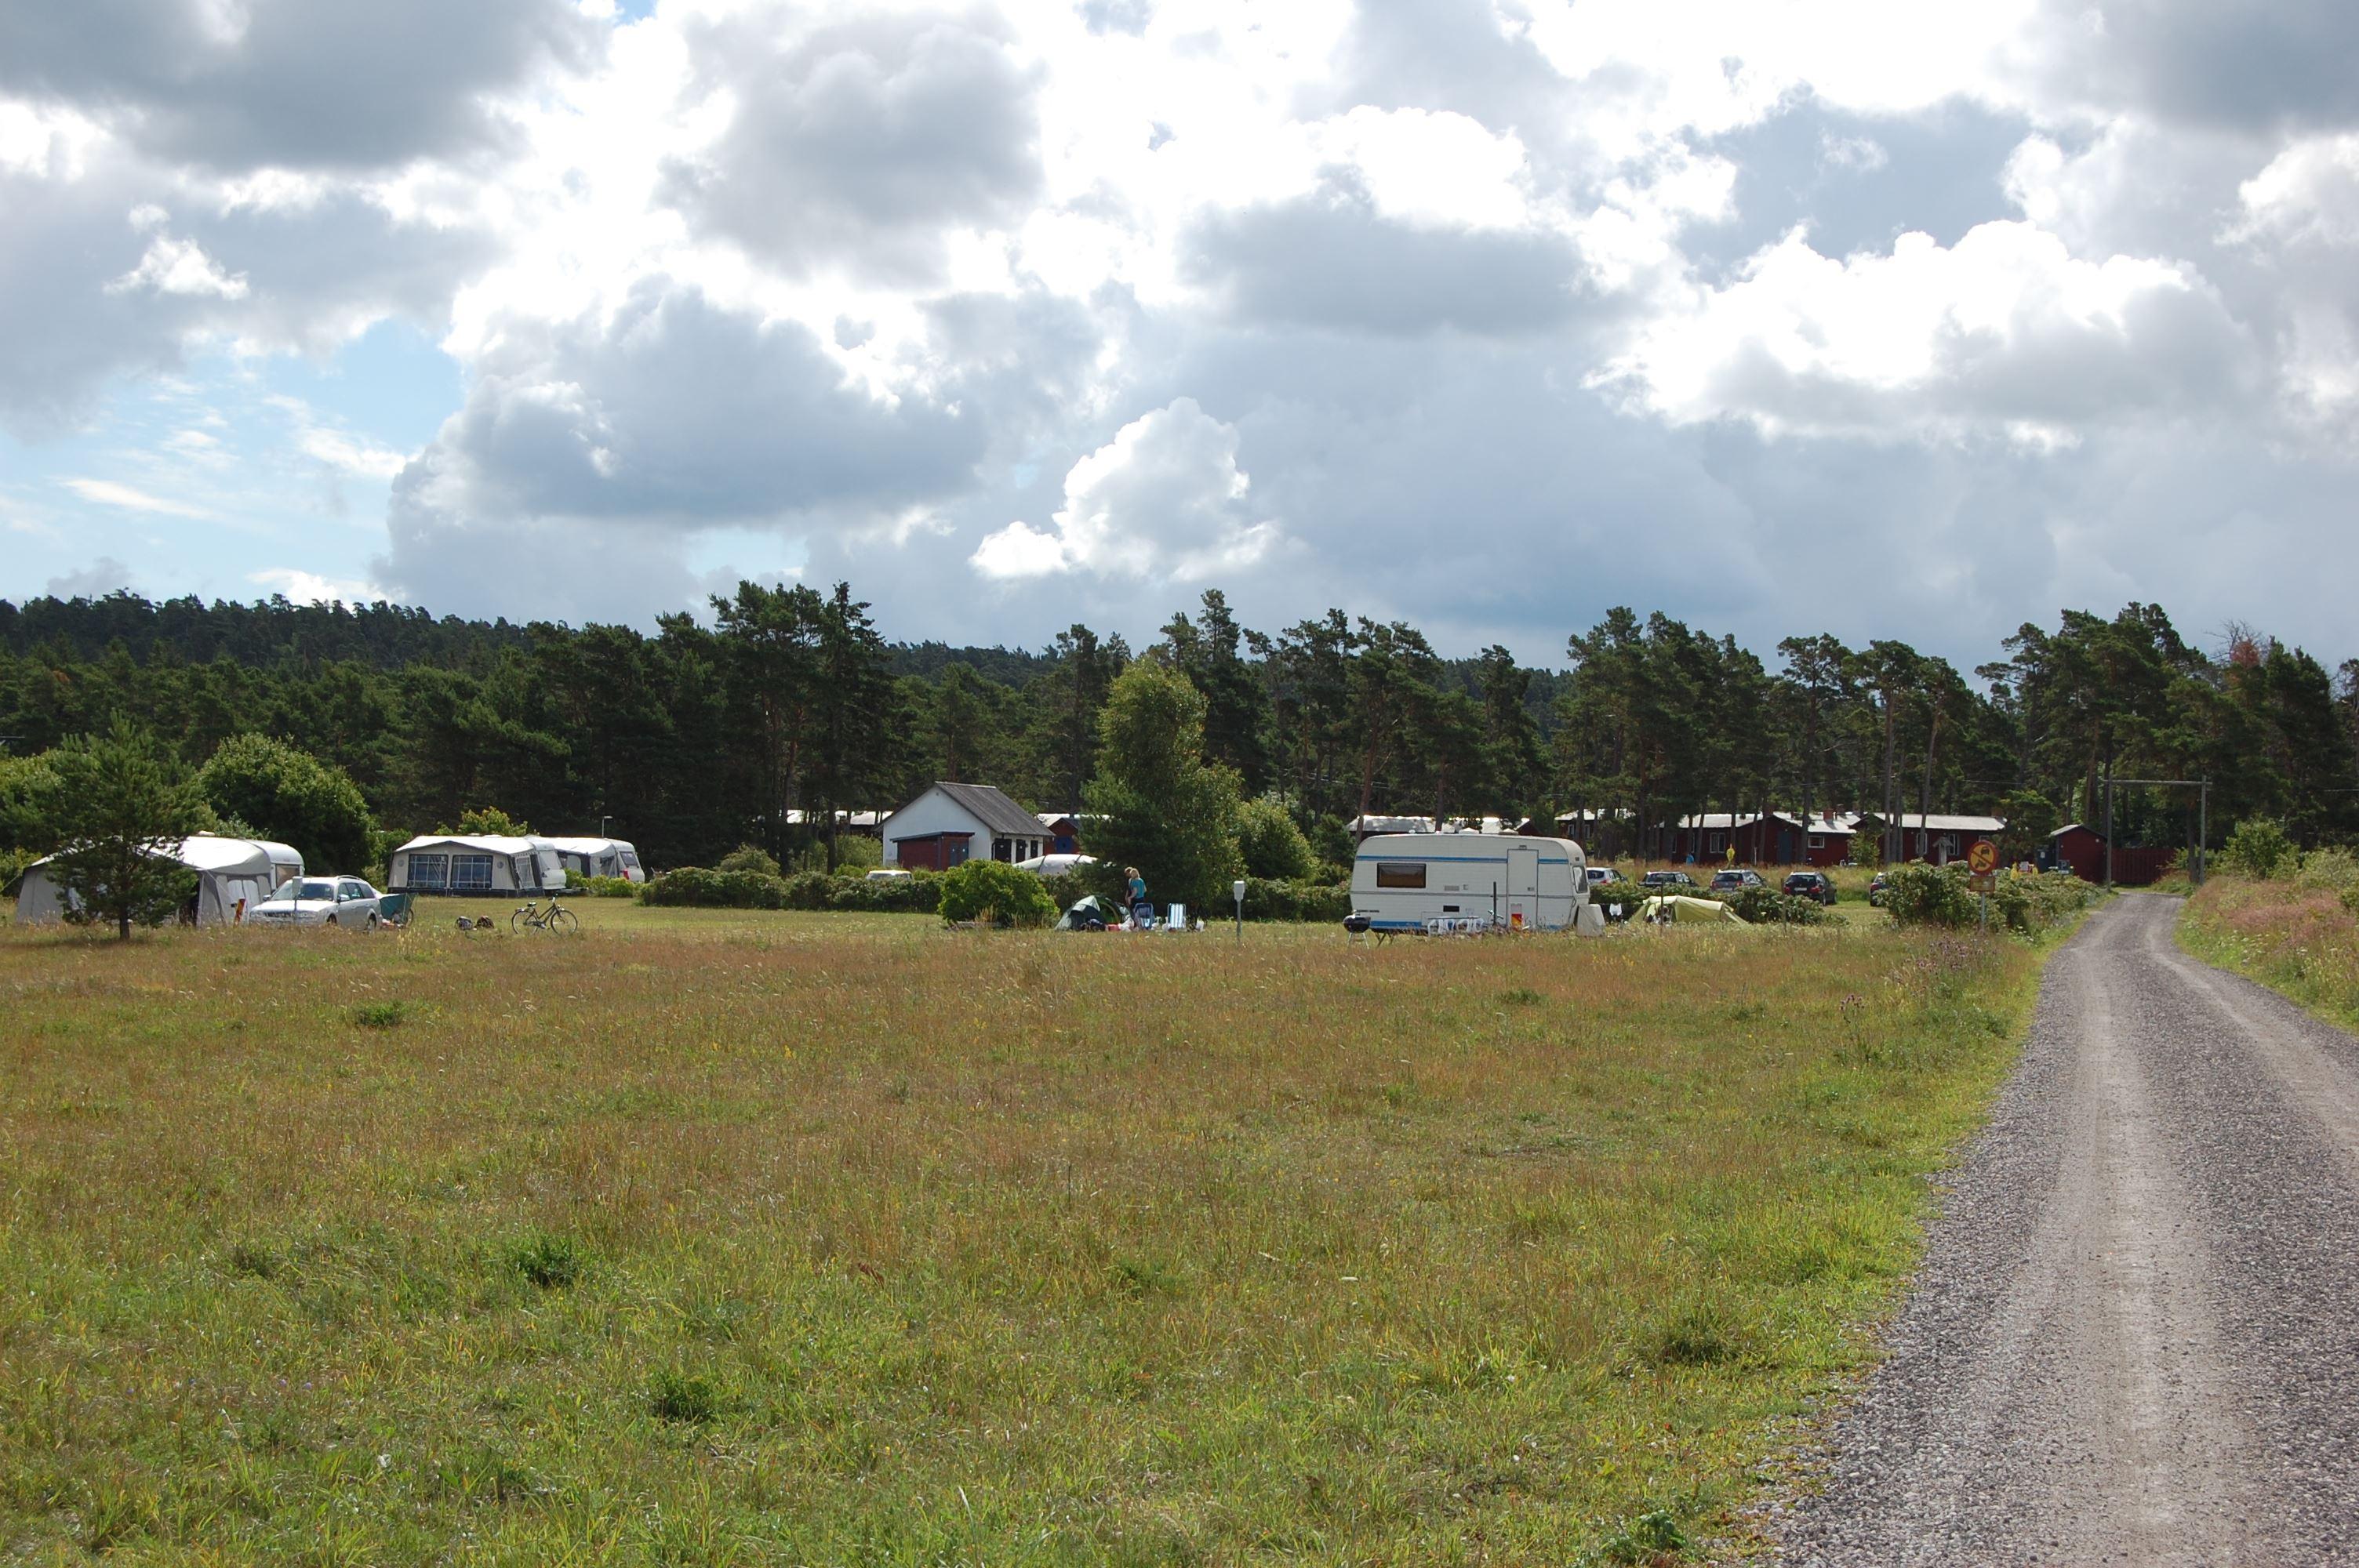 Lickershamns Camping